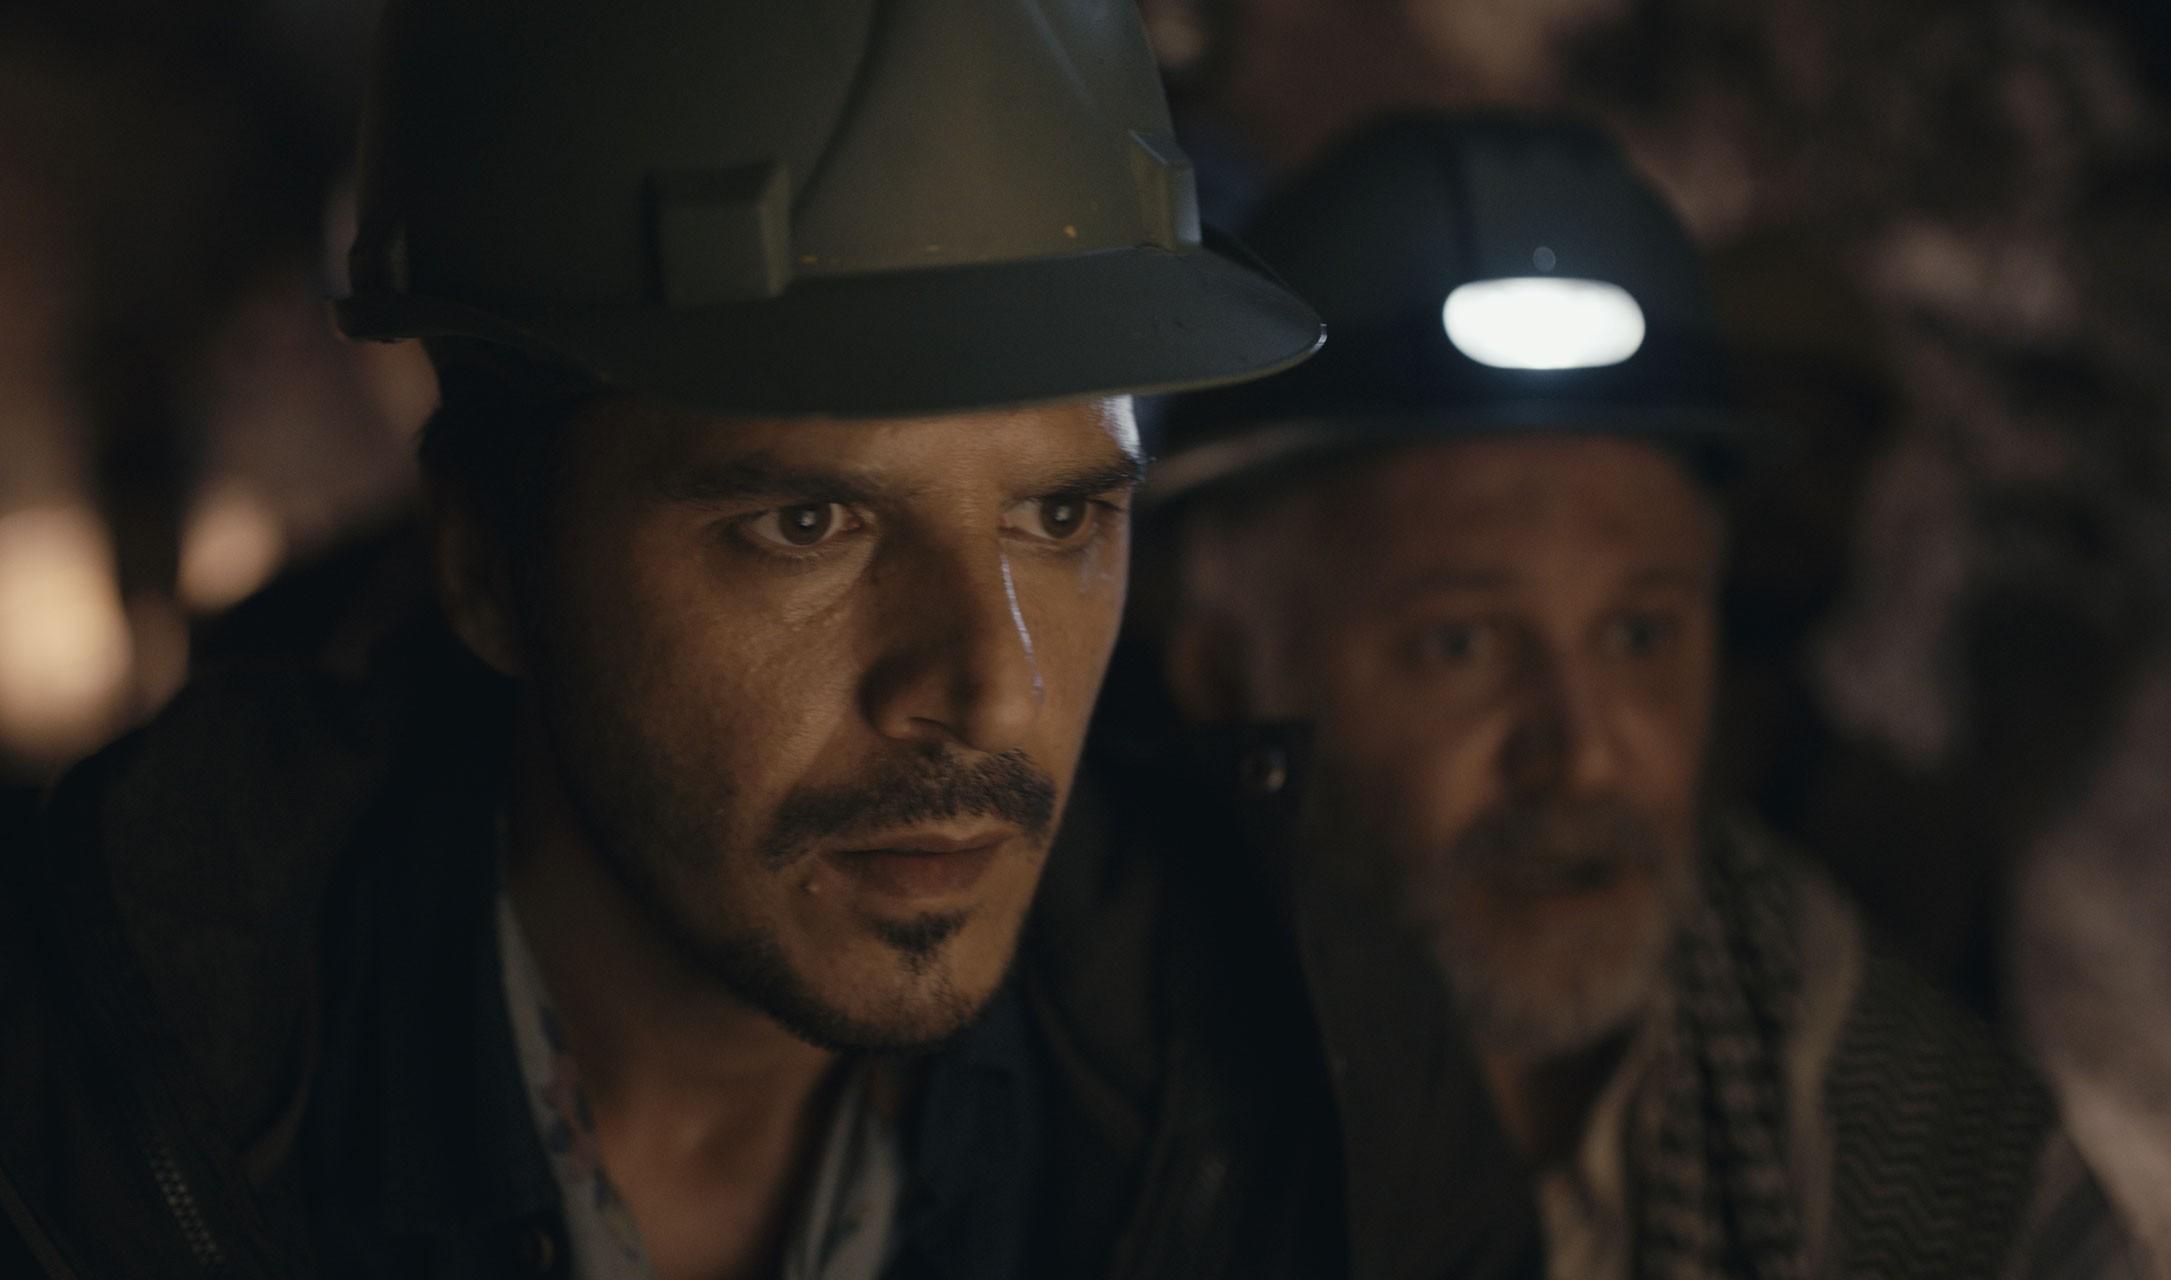 Atiye dizisinden Mehmet Günsür'ün yer aldığı bir kare.